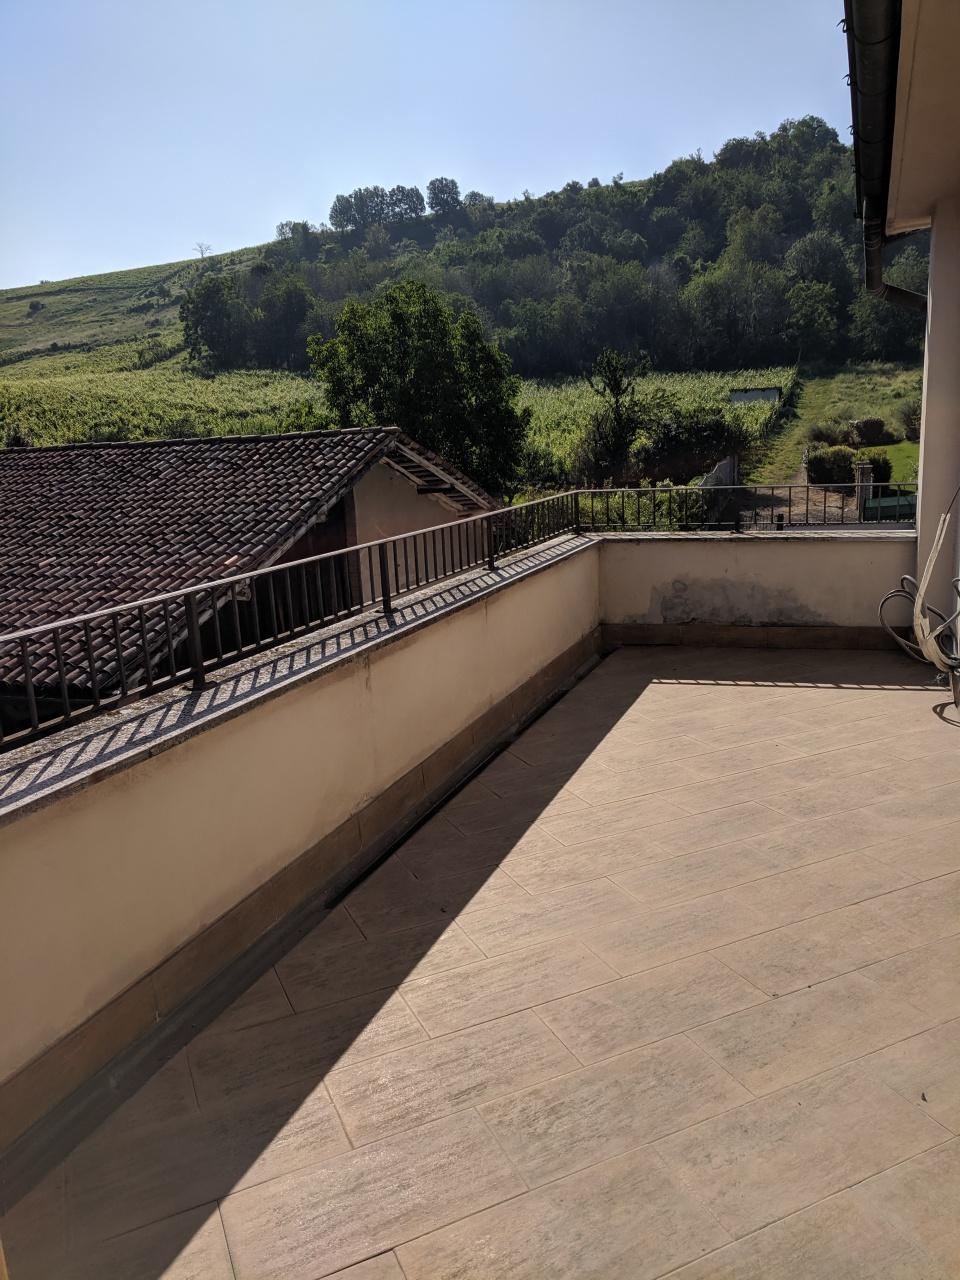 Appartamento in vendita a Broni, 3 locali, prezzo € 100.000 | PortaleAgenzieImmobiliari.it